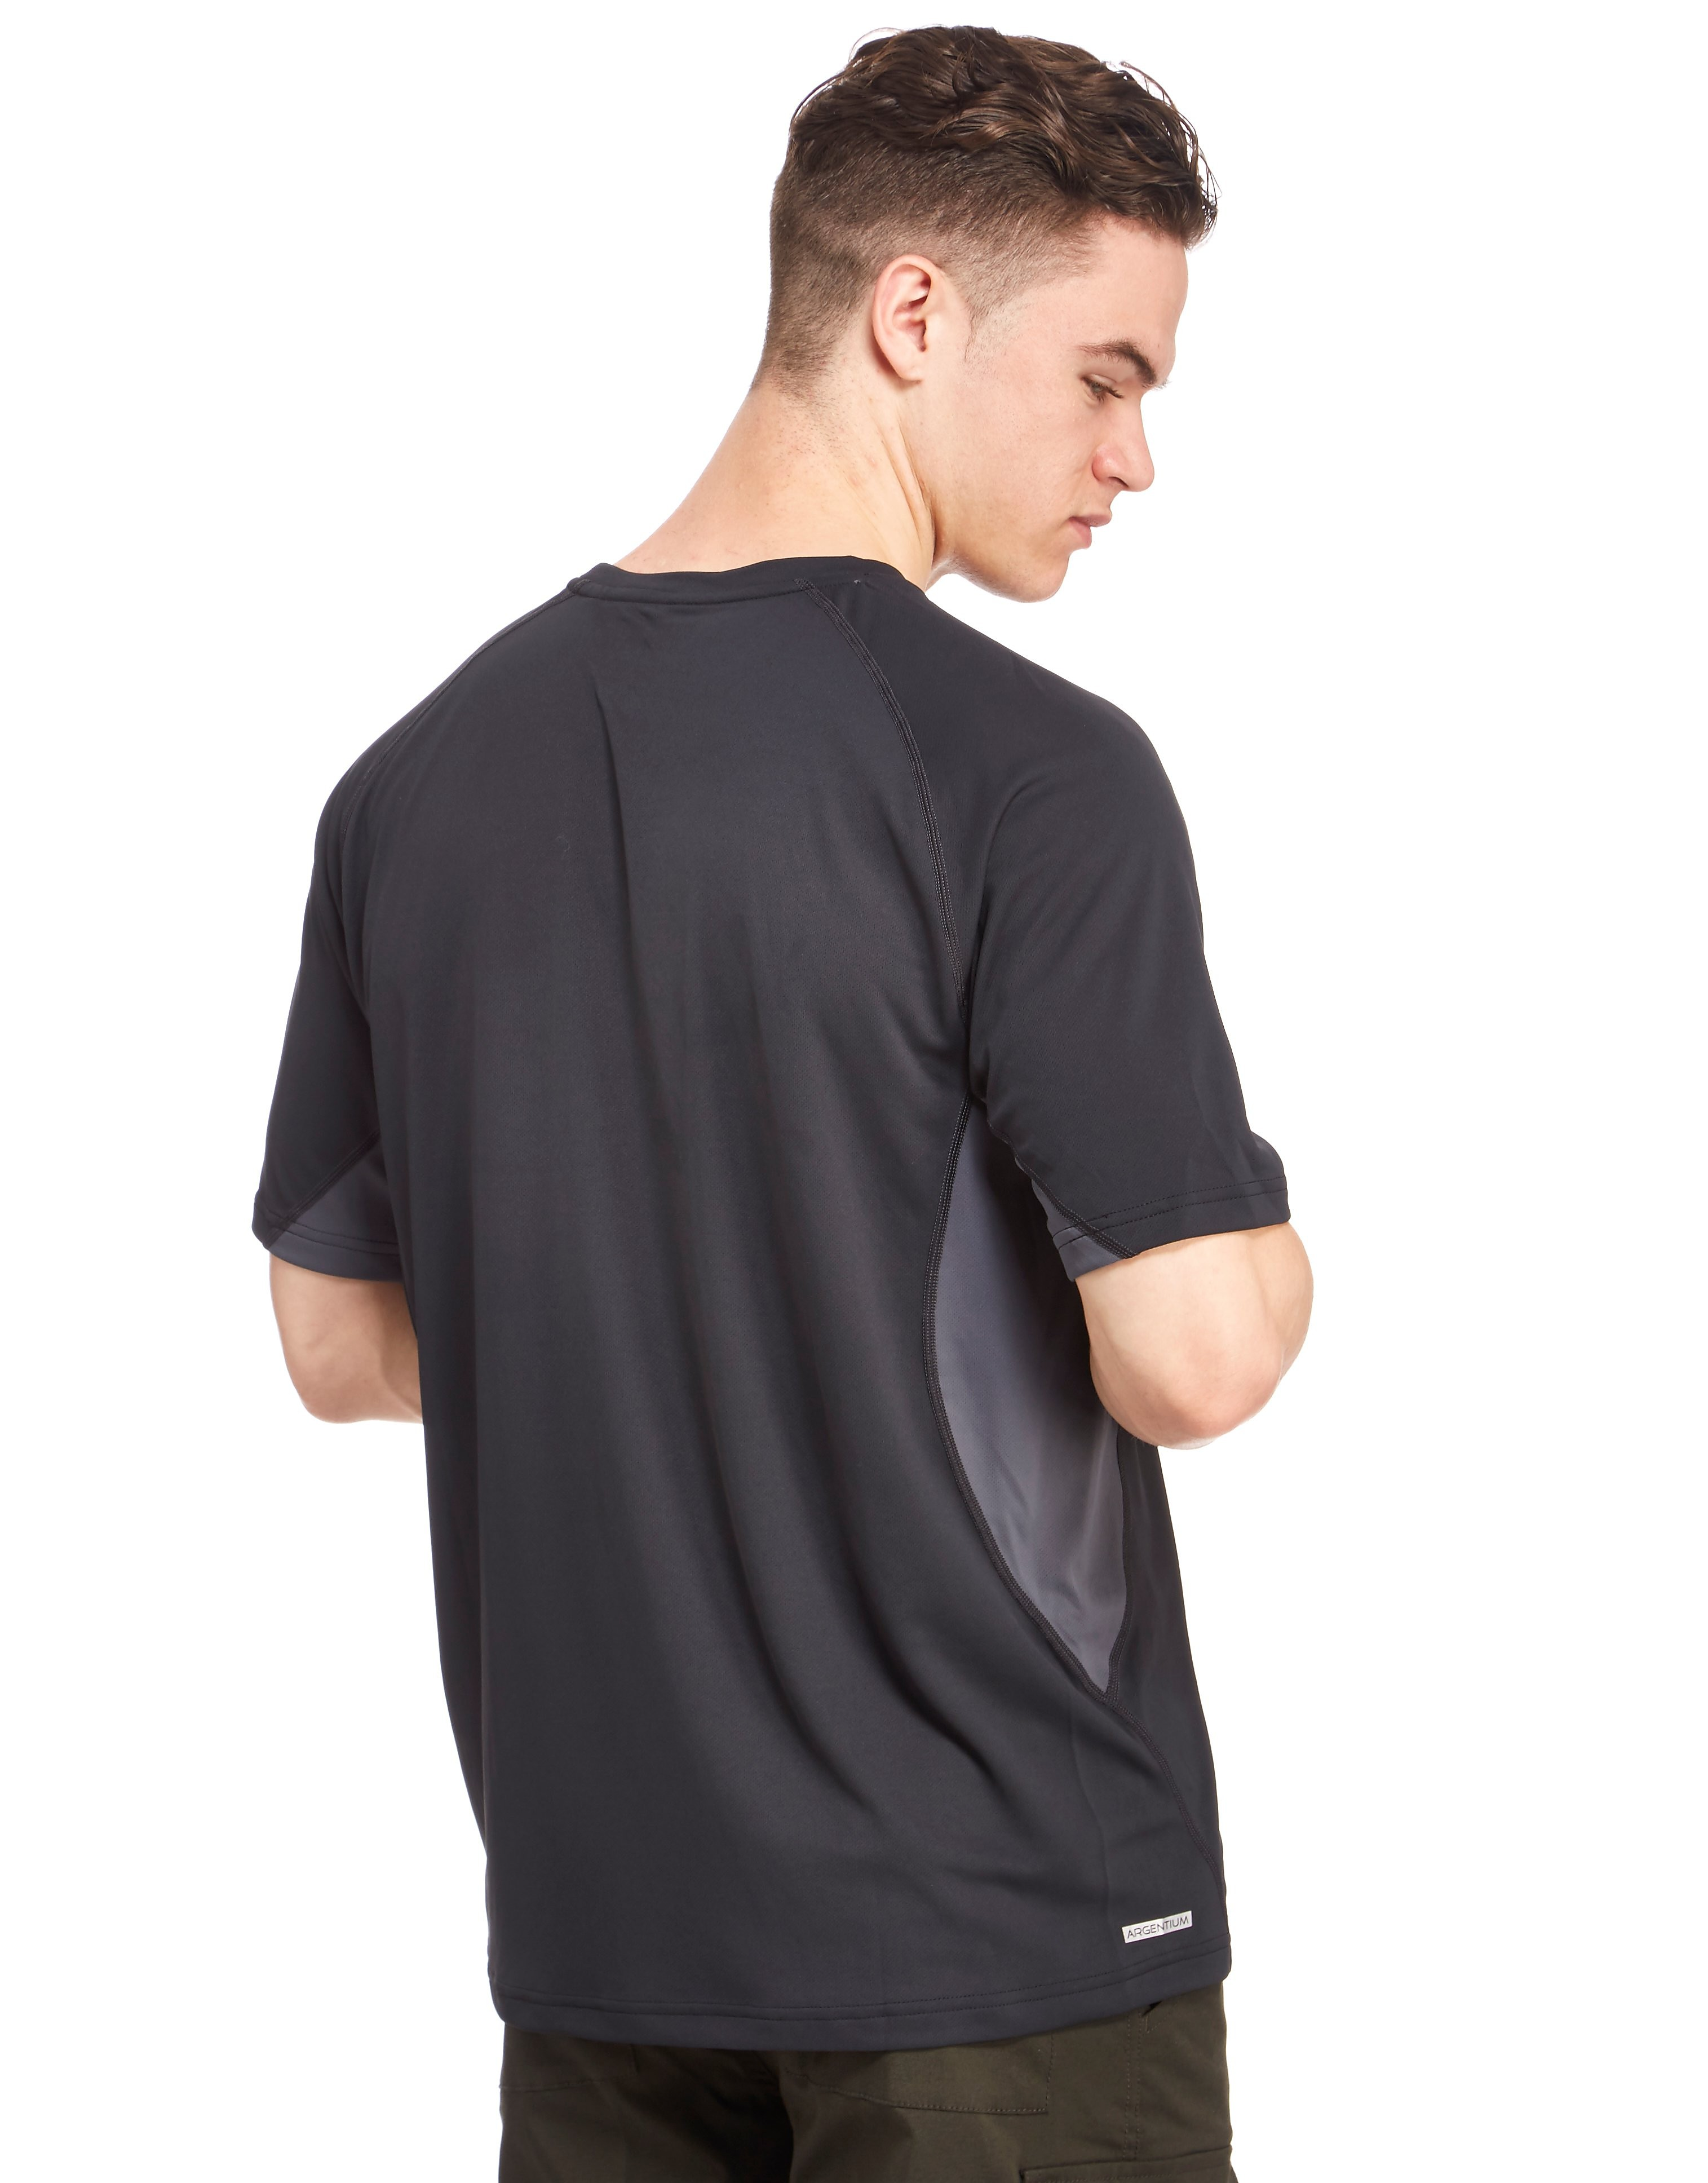 Berghaus Tech Short Sleeve Crew T-Shirt